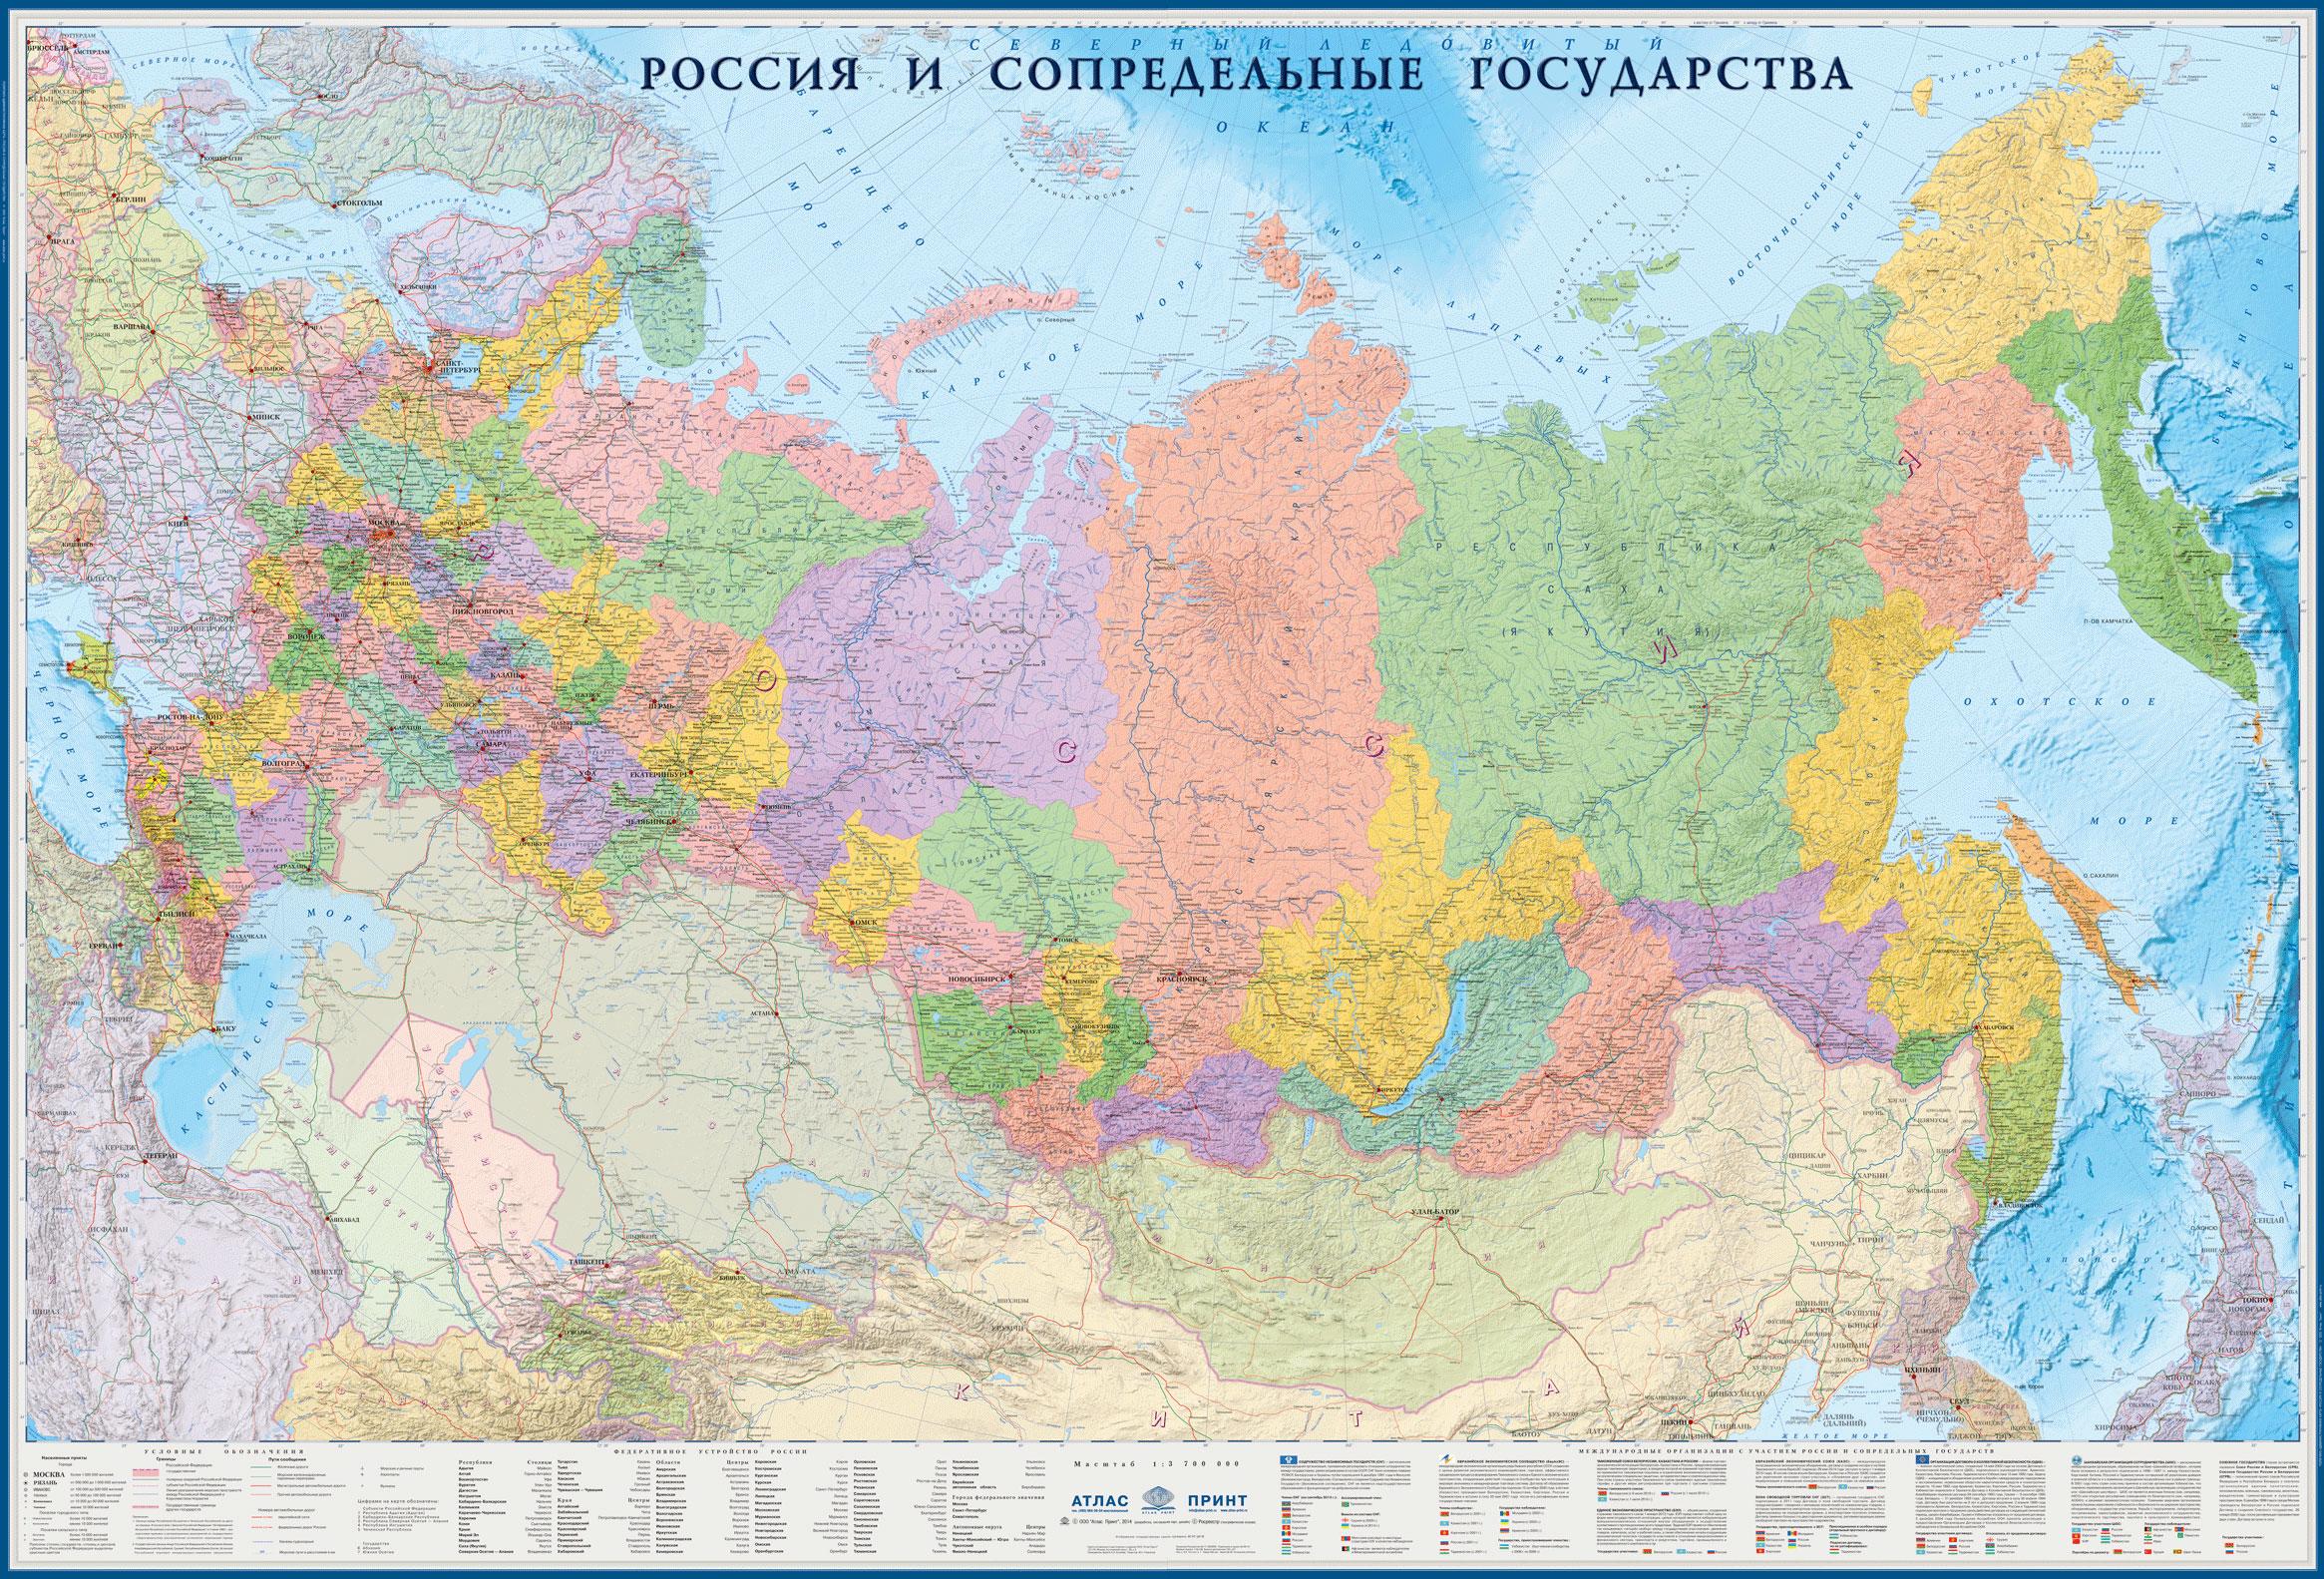 Большая настенная карта России, СНГ, ШОС, ЕАЭС, ОДКБ (политико-административная) 2,33*1,58 м